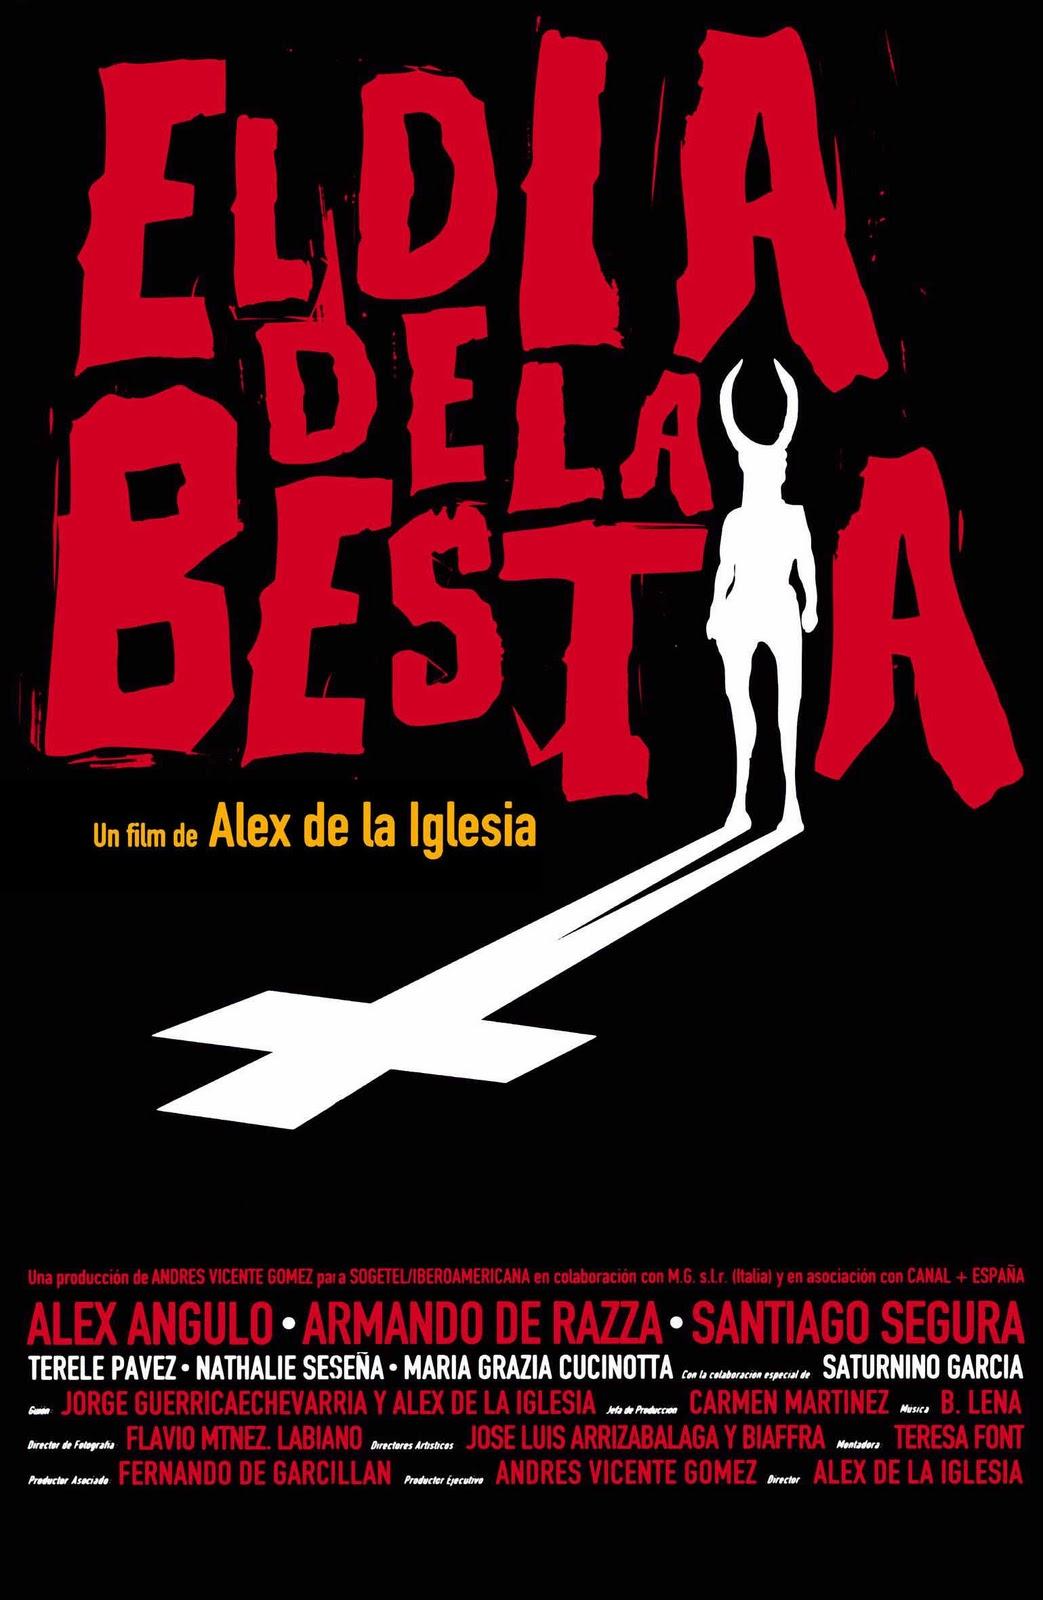 http://1.bp.blogspot.com/_Z1hkkmwDsTY/TOr_UHbpK9I/AAAAAAAAAIQ/lPMLIeFxpPY/s1600/1995_El_dia_de_la_bestia_%2528Alex_de_la_Iglesia%2529_espanol_2.jpg